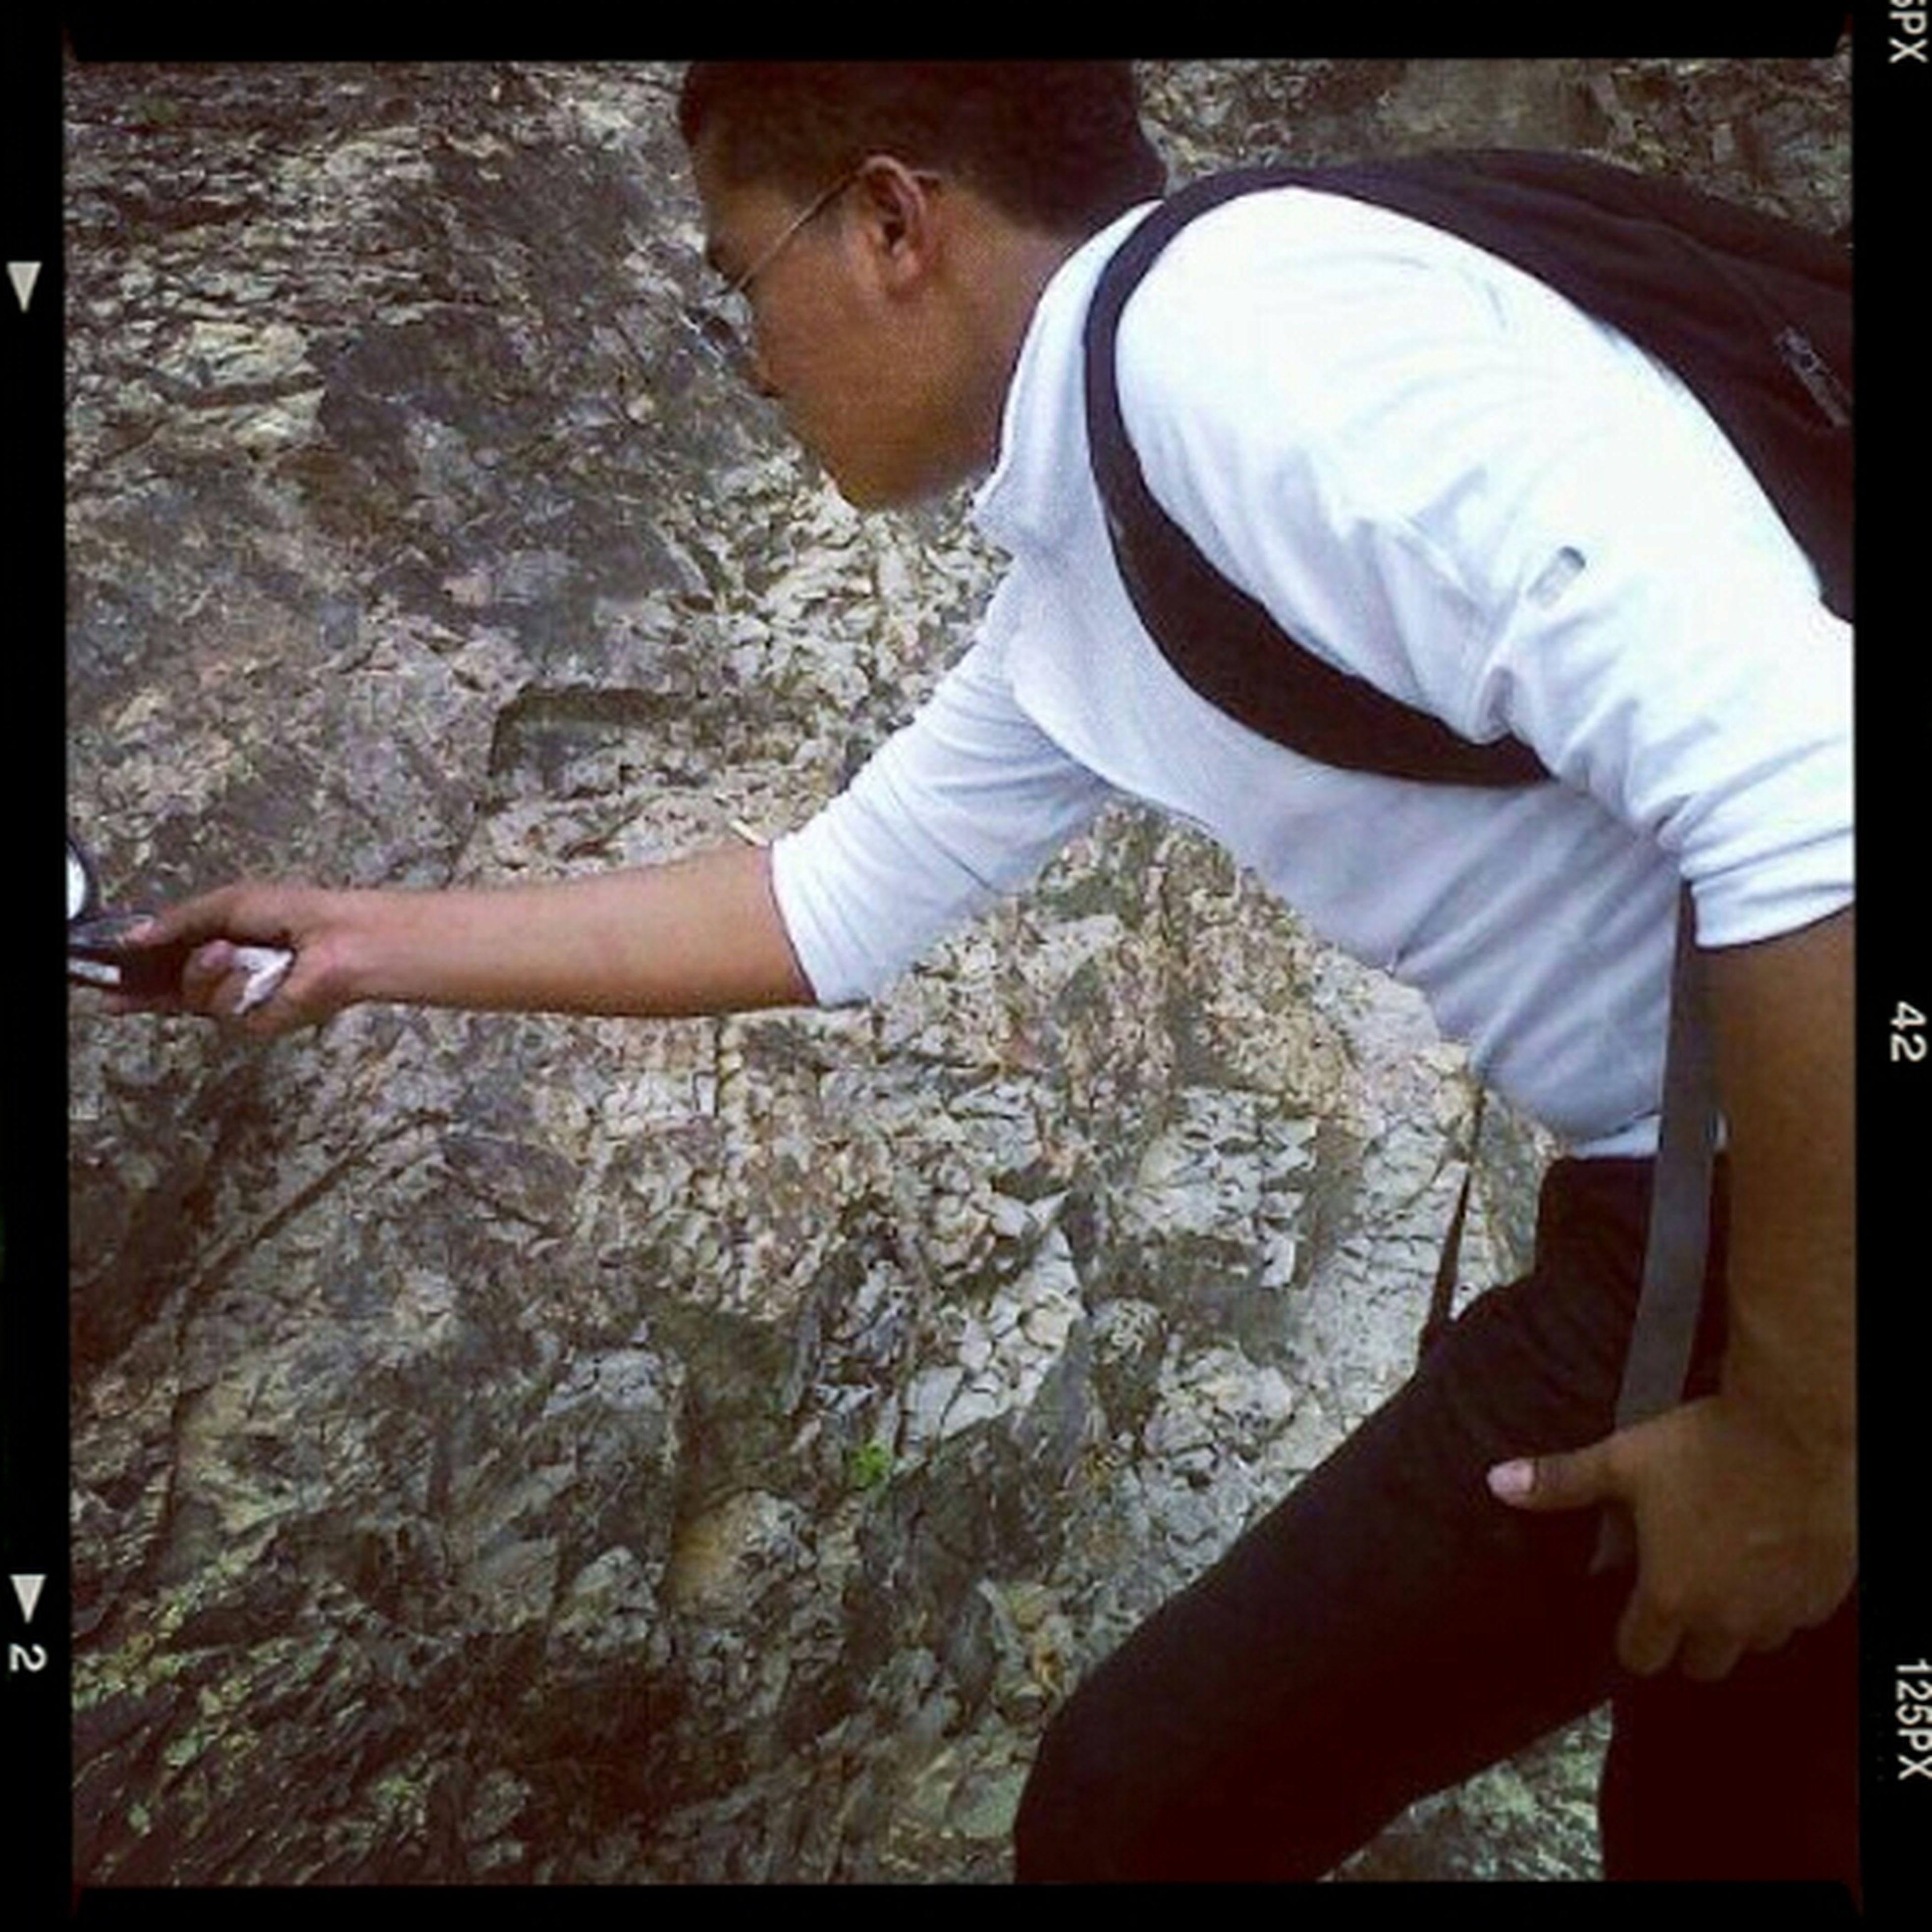 AfloramientoRocoso Rock Geology